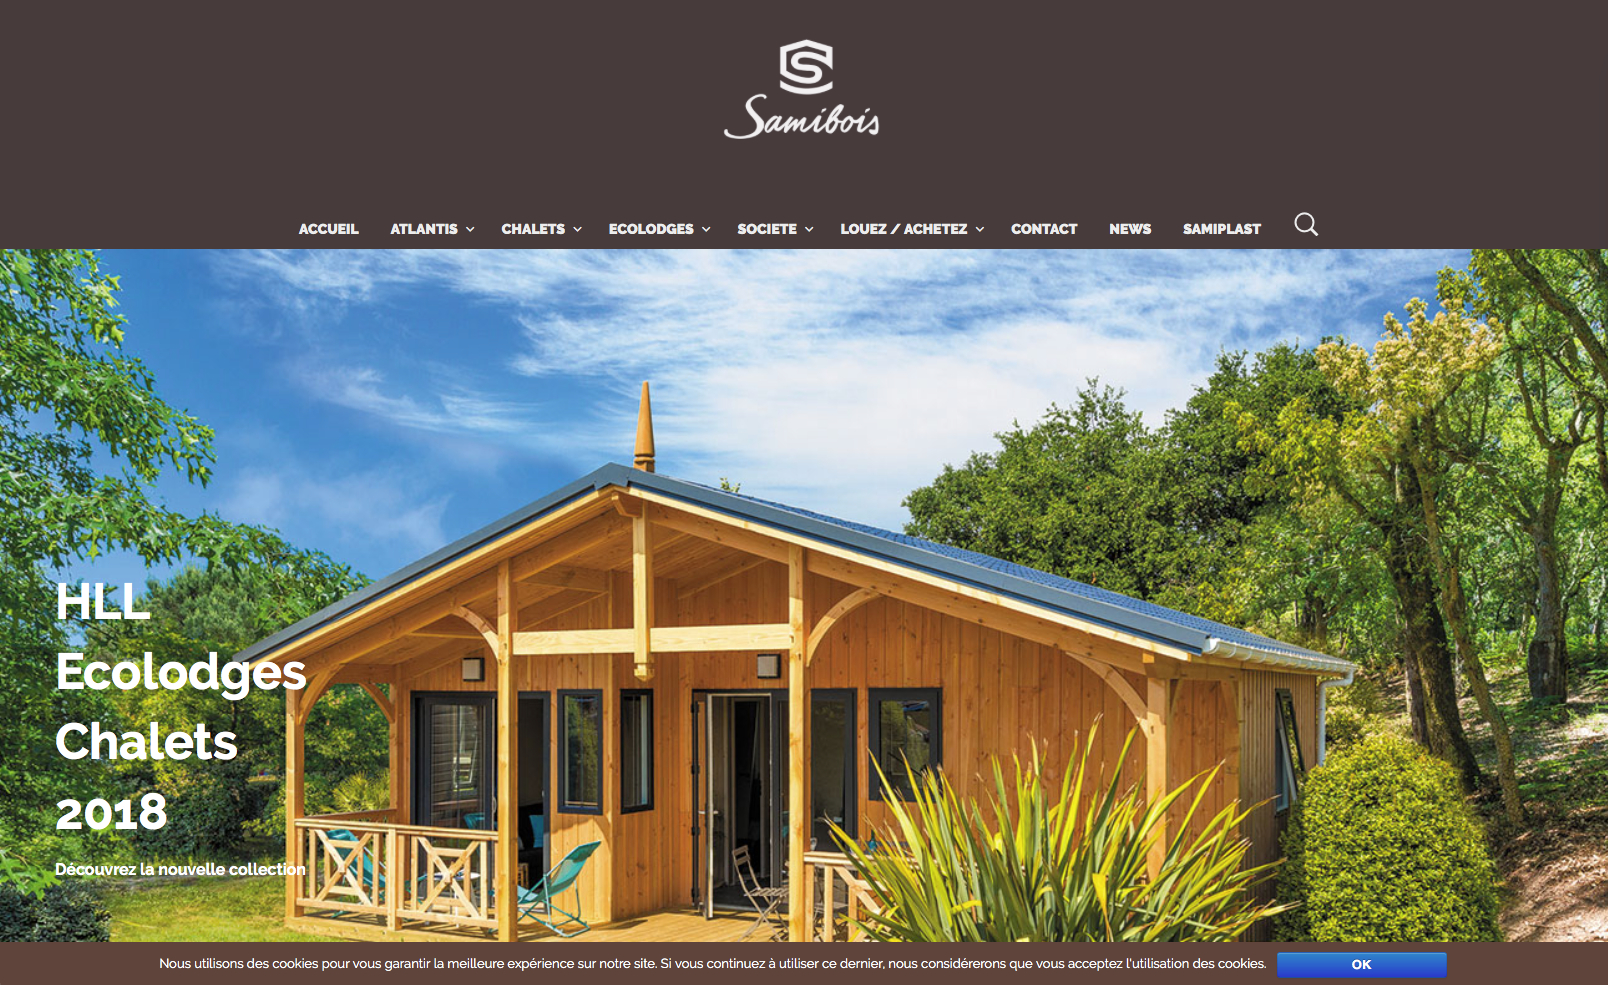 Chalet Bois Samibois - Châlet, Maison Et Cabane pour River Han Mobilier De Jardin